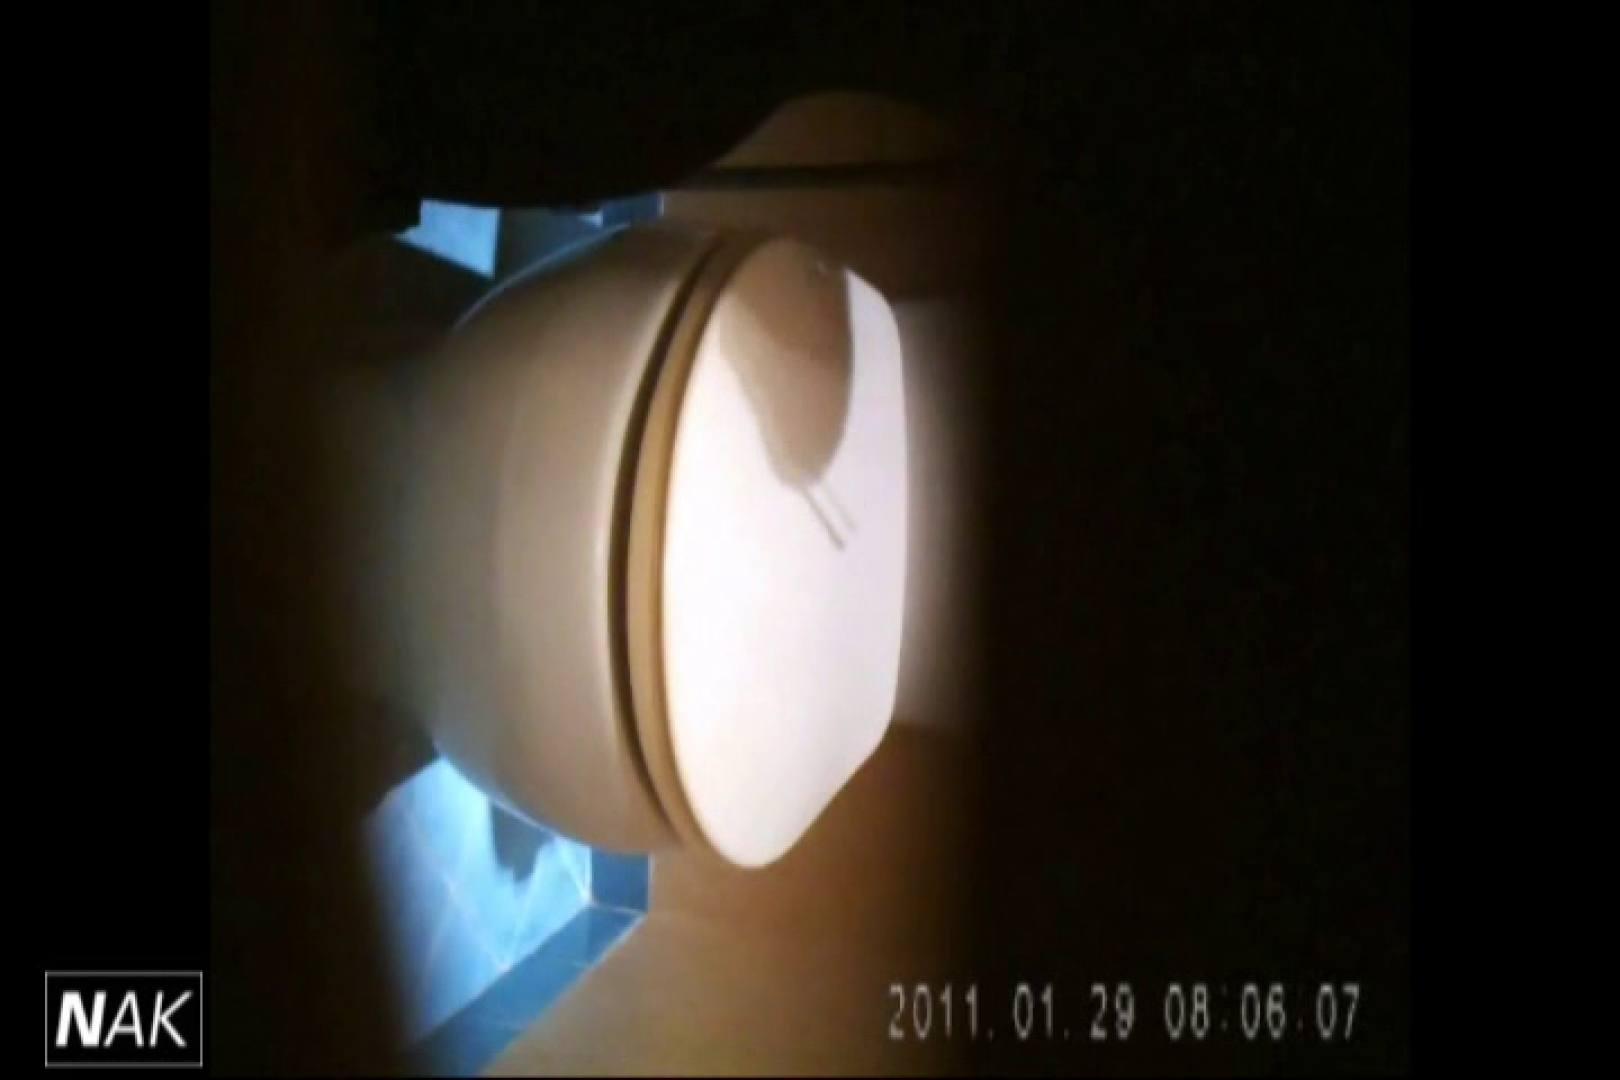 せん八さんの厠観察日記!2点監視カメラ 高画質5000K vol.16 お姉さんのエロ動画 ワレメ動画紹介 113PIX 10